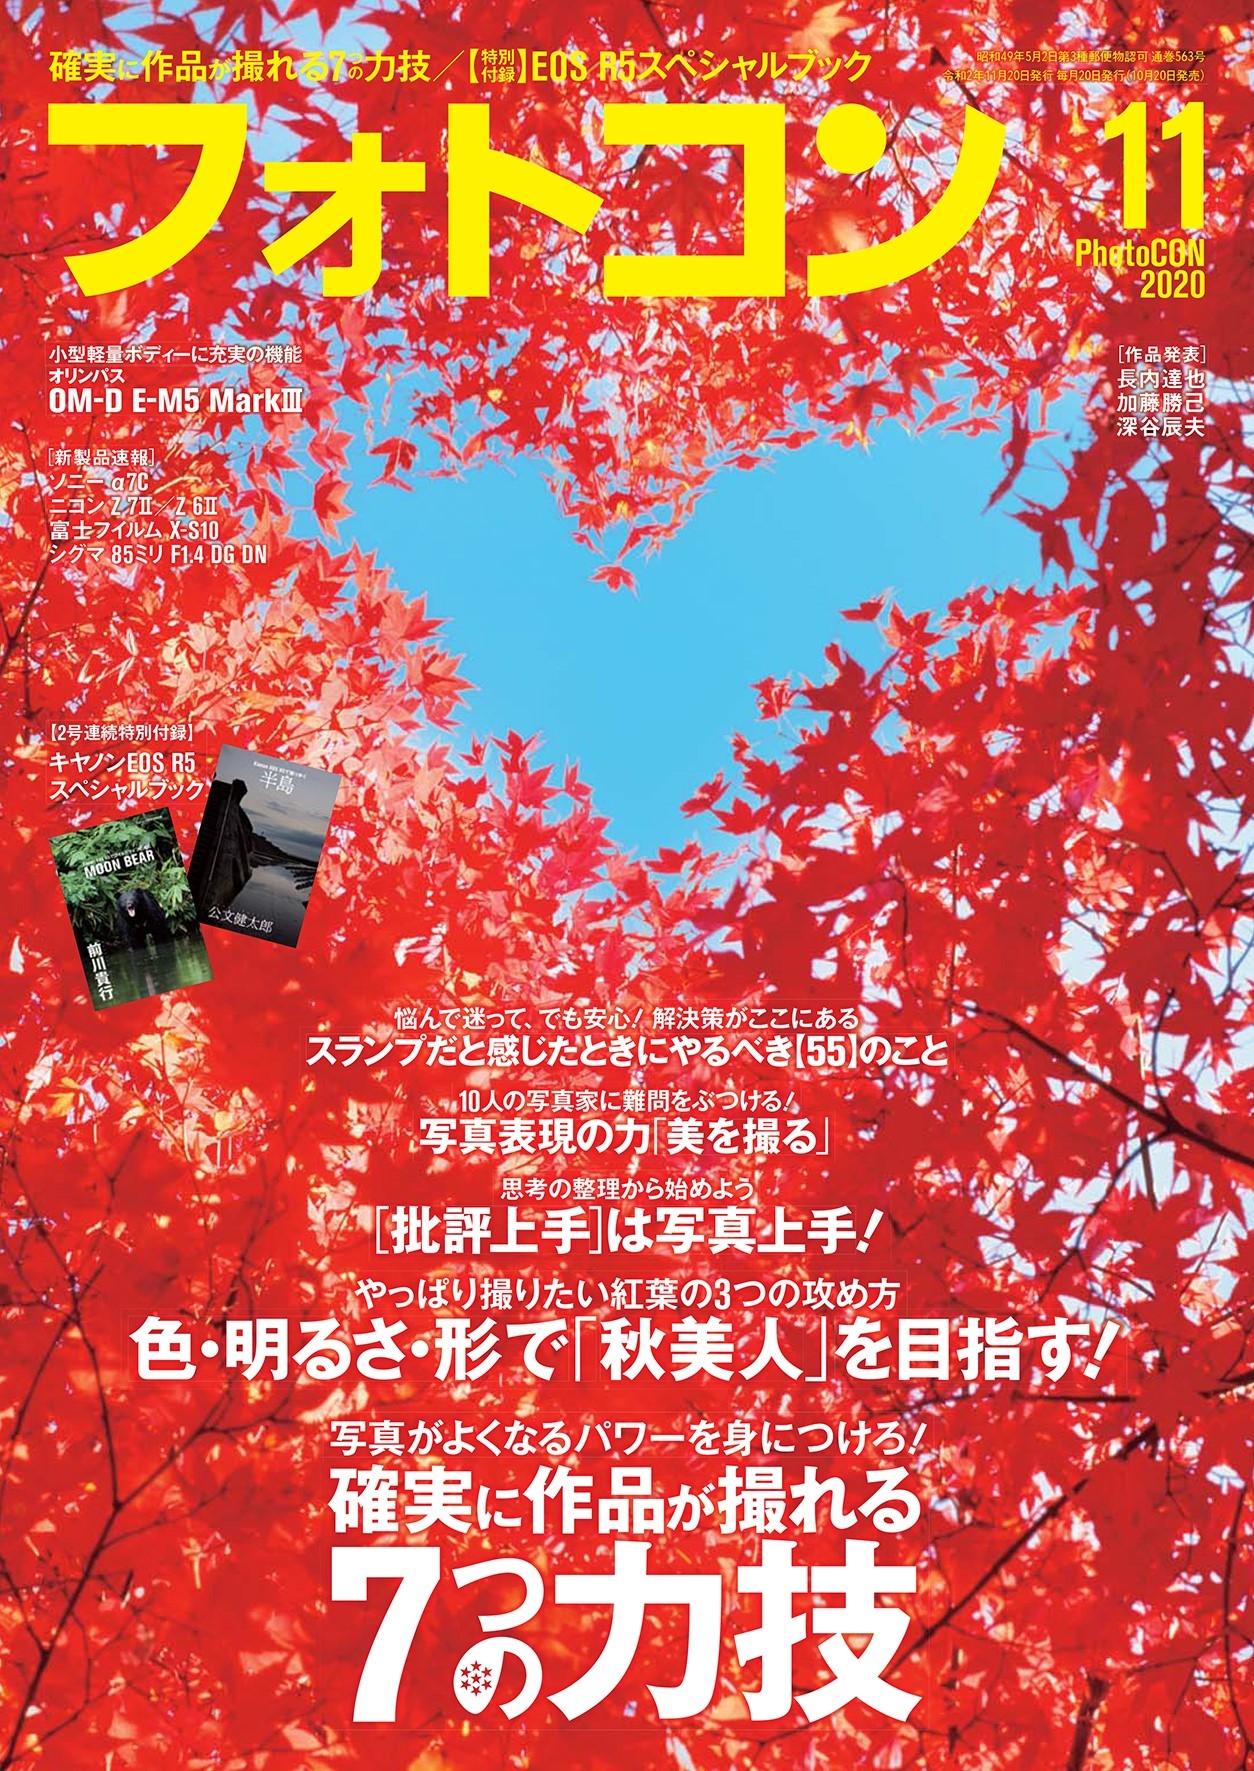 フォトコン2020年11月号【別冊付録:キヤノンEOS R5スペシャルブック】